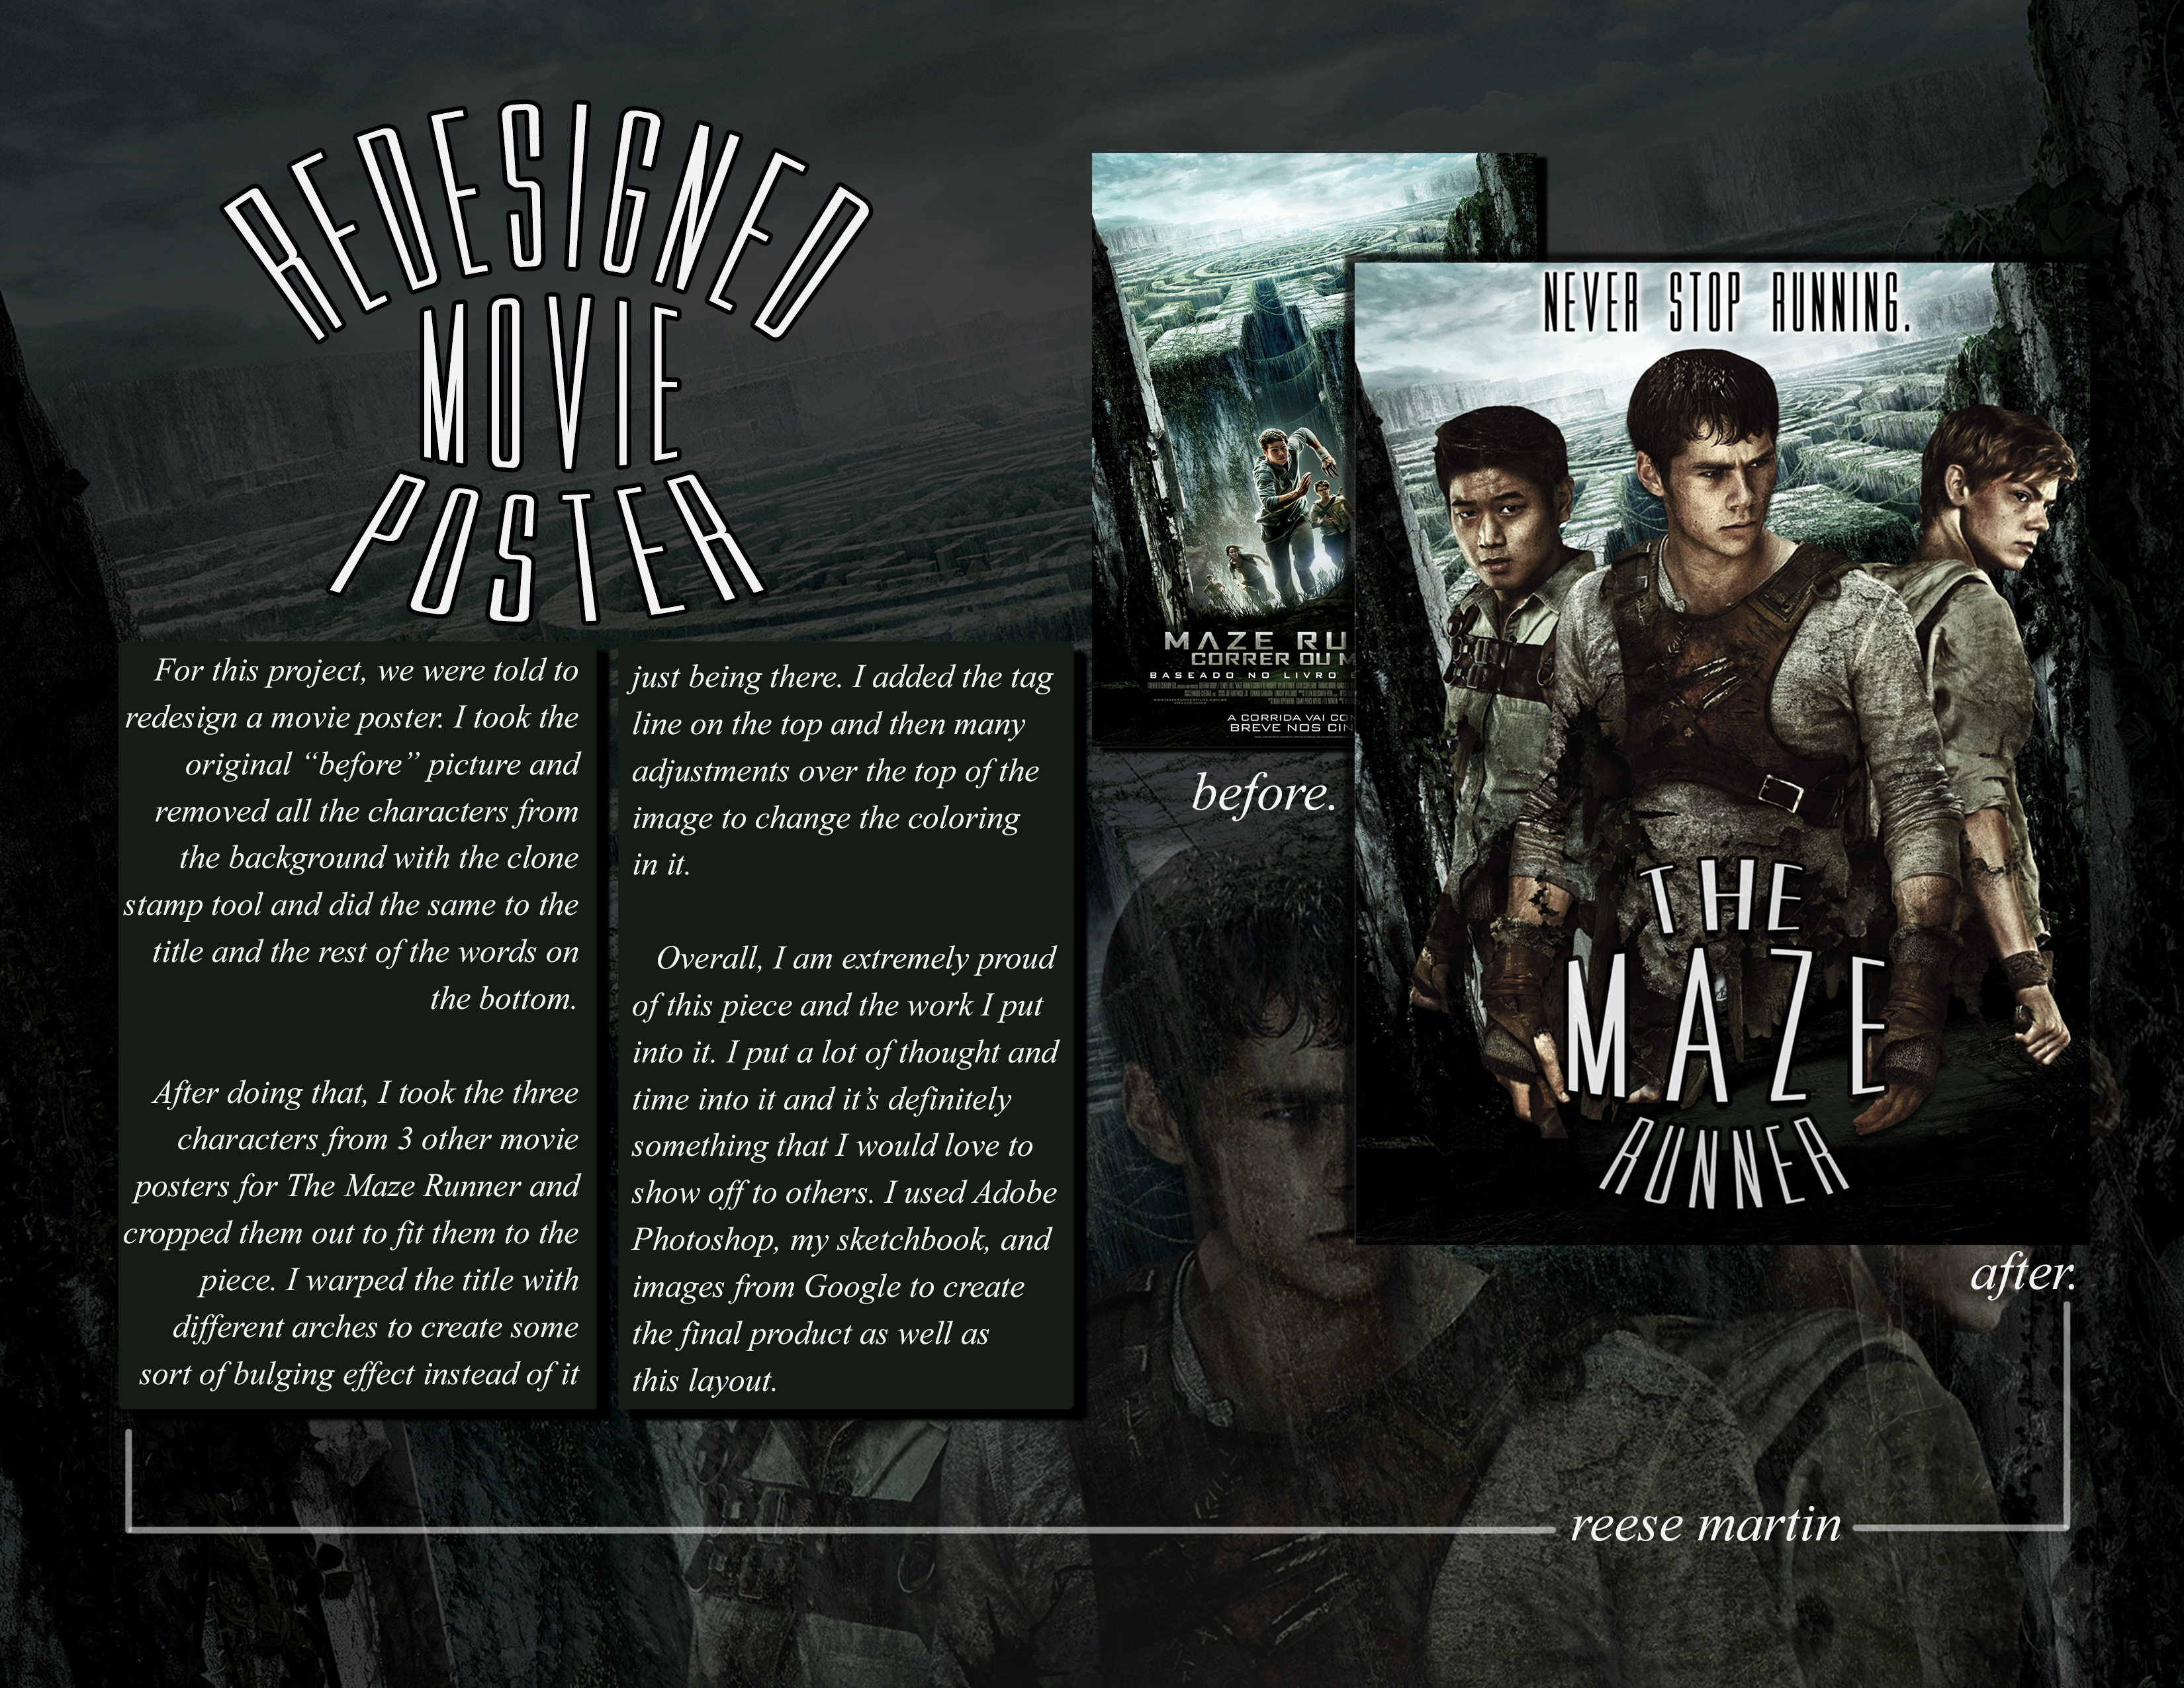 The Maze Runner Movie Poster On Behance